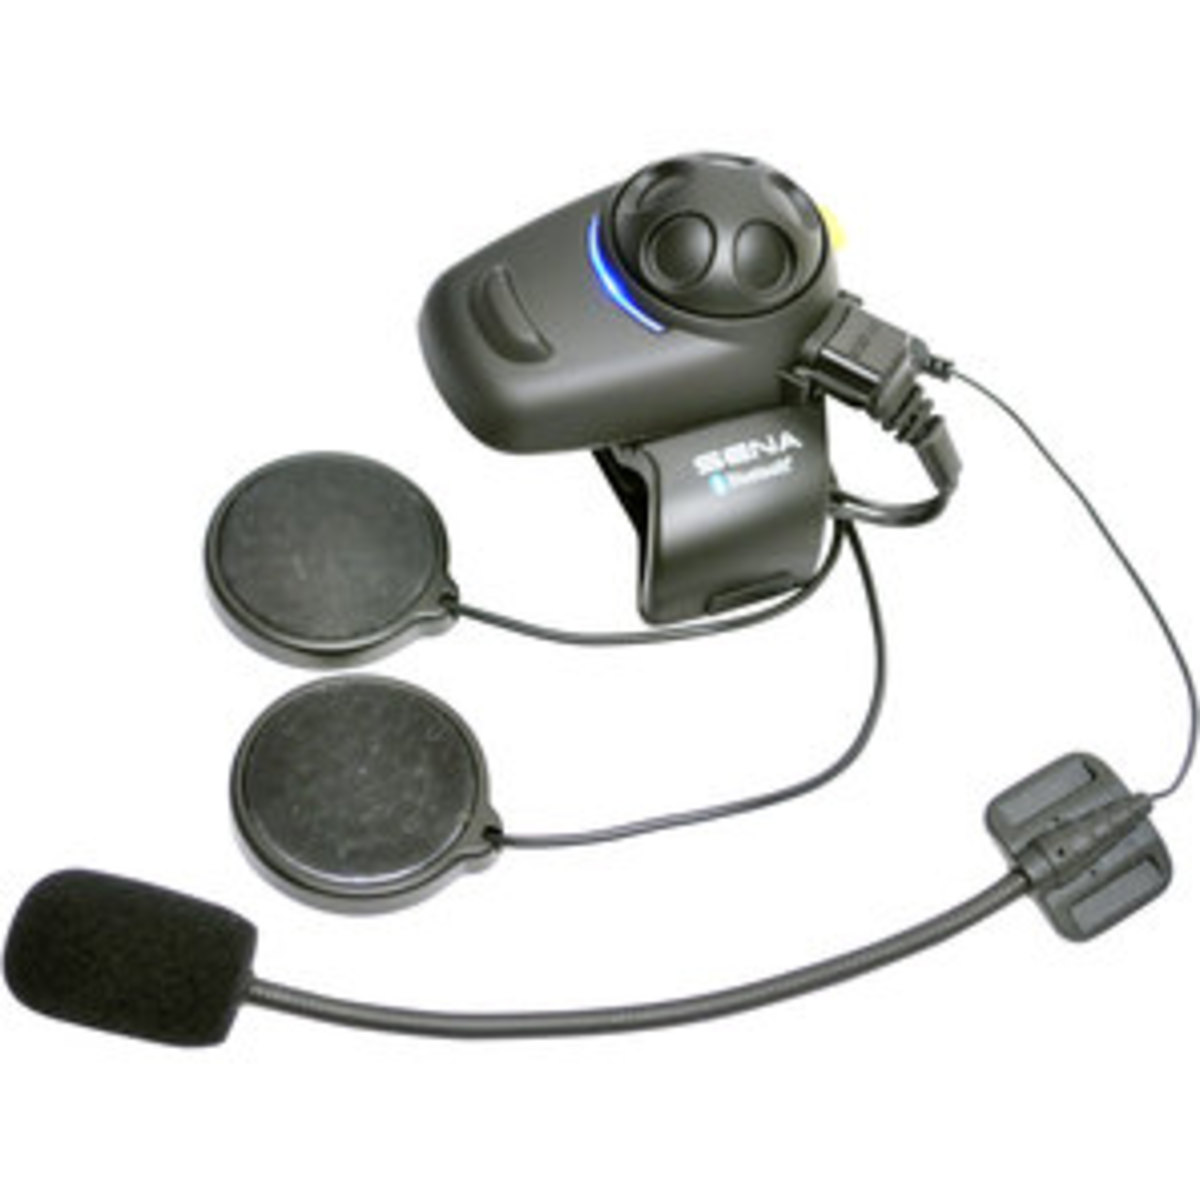 Bild 2 von SENA SMH5-FM Universal        Dual - Doppelset